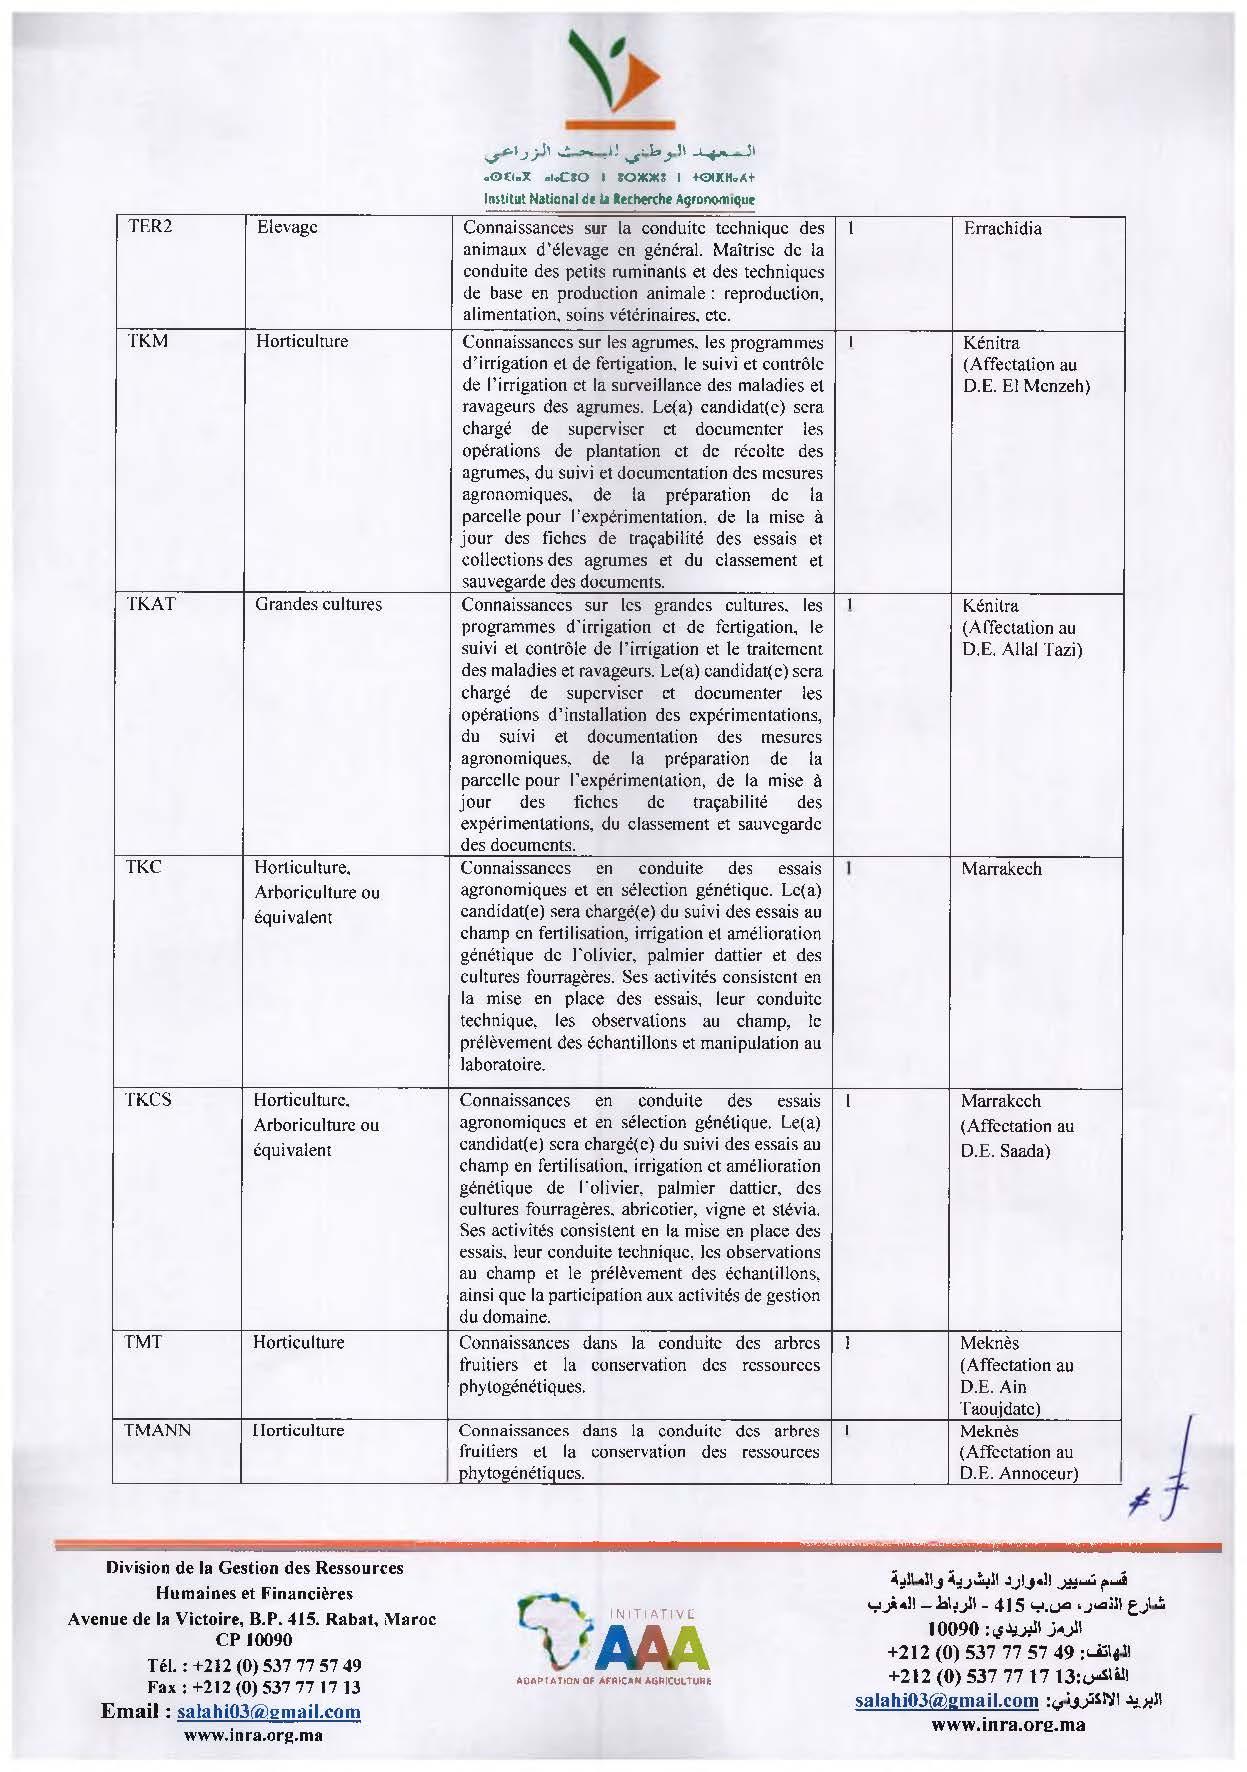 INRA recrute 27 Techniciens 3èmegrade (échelle 9)